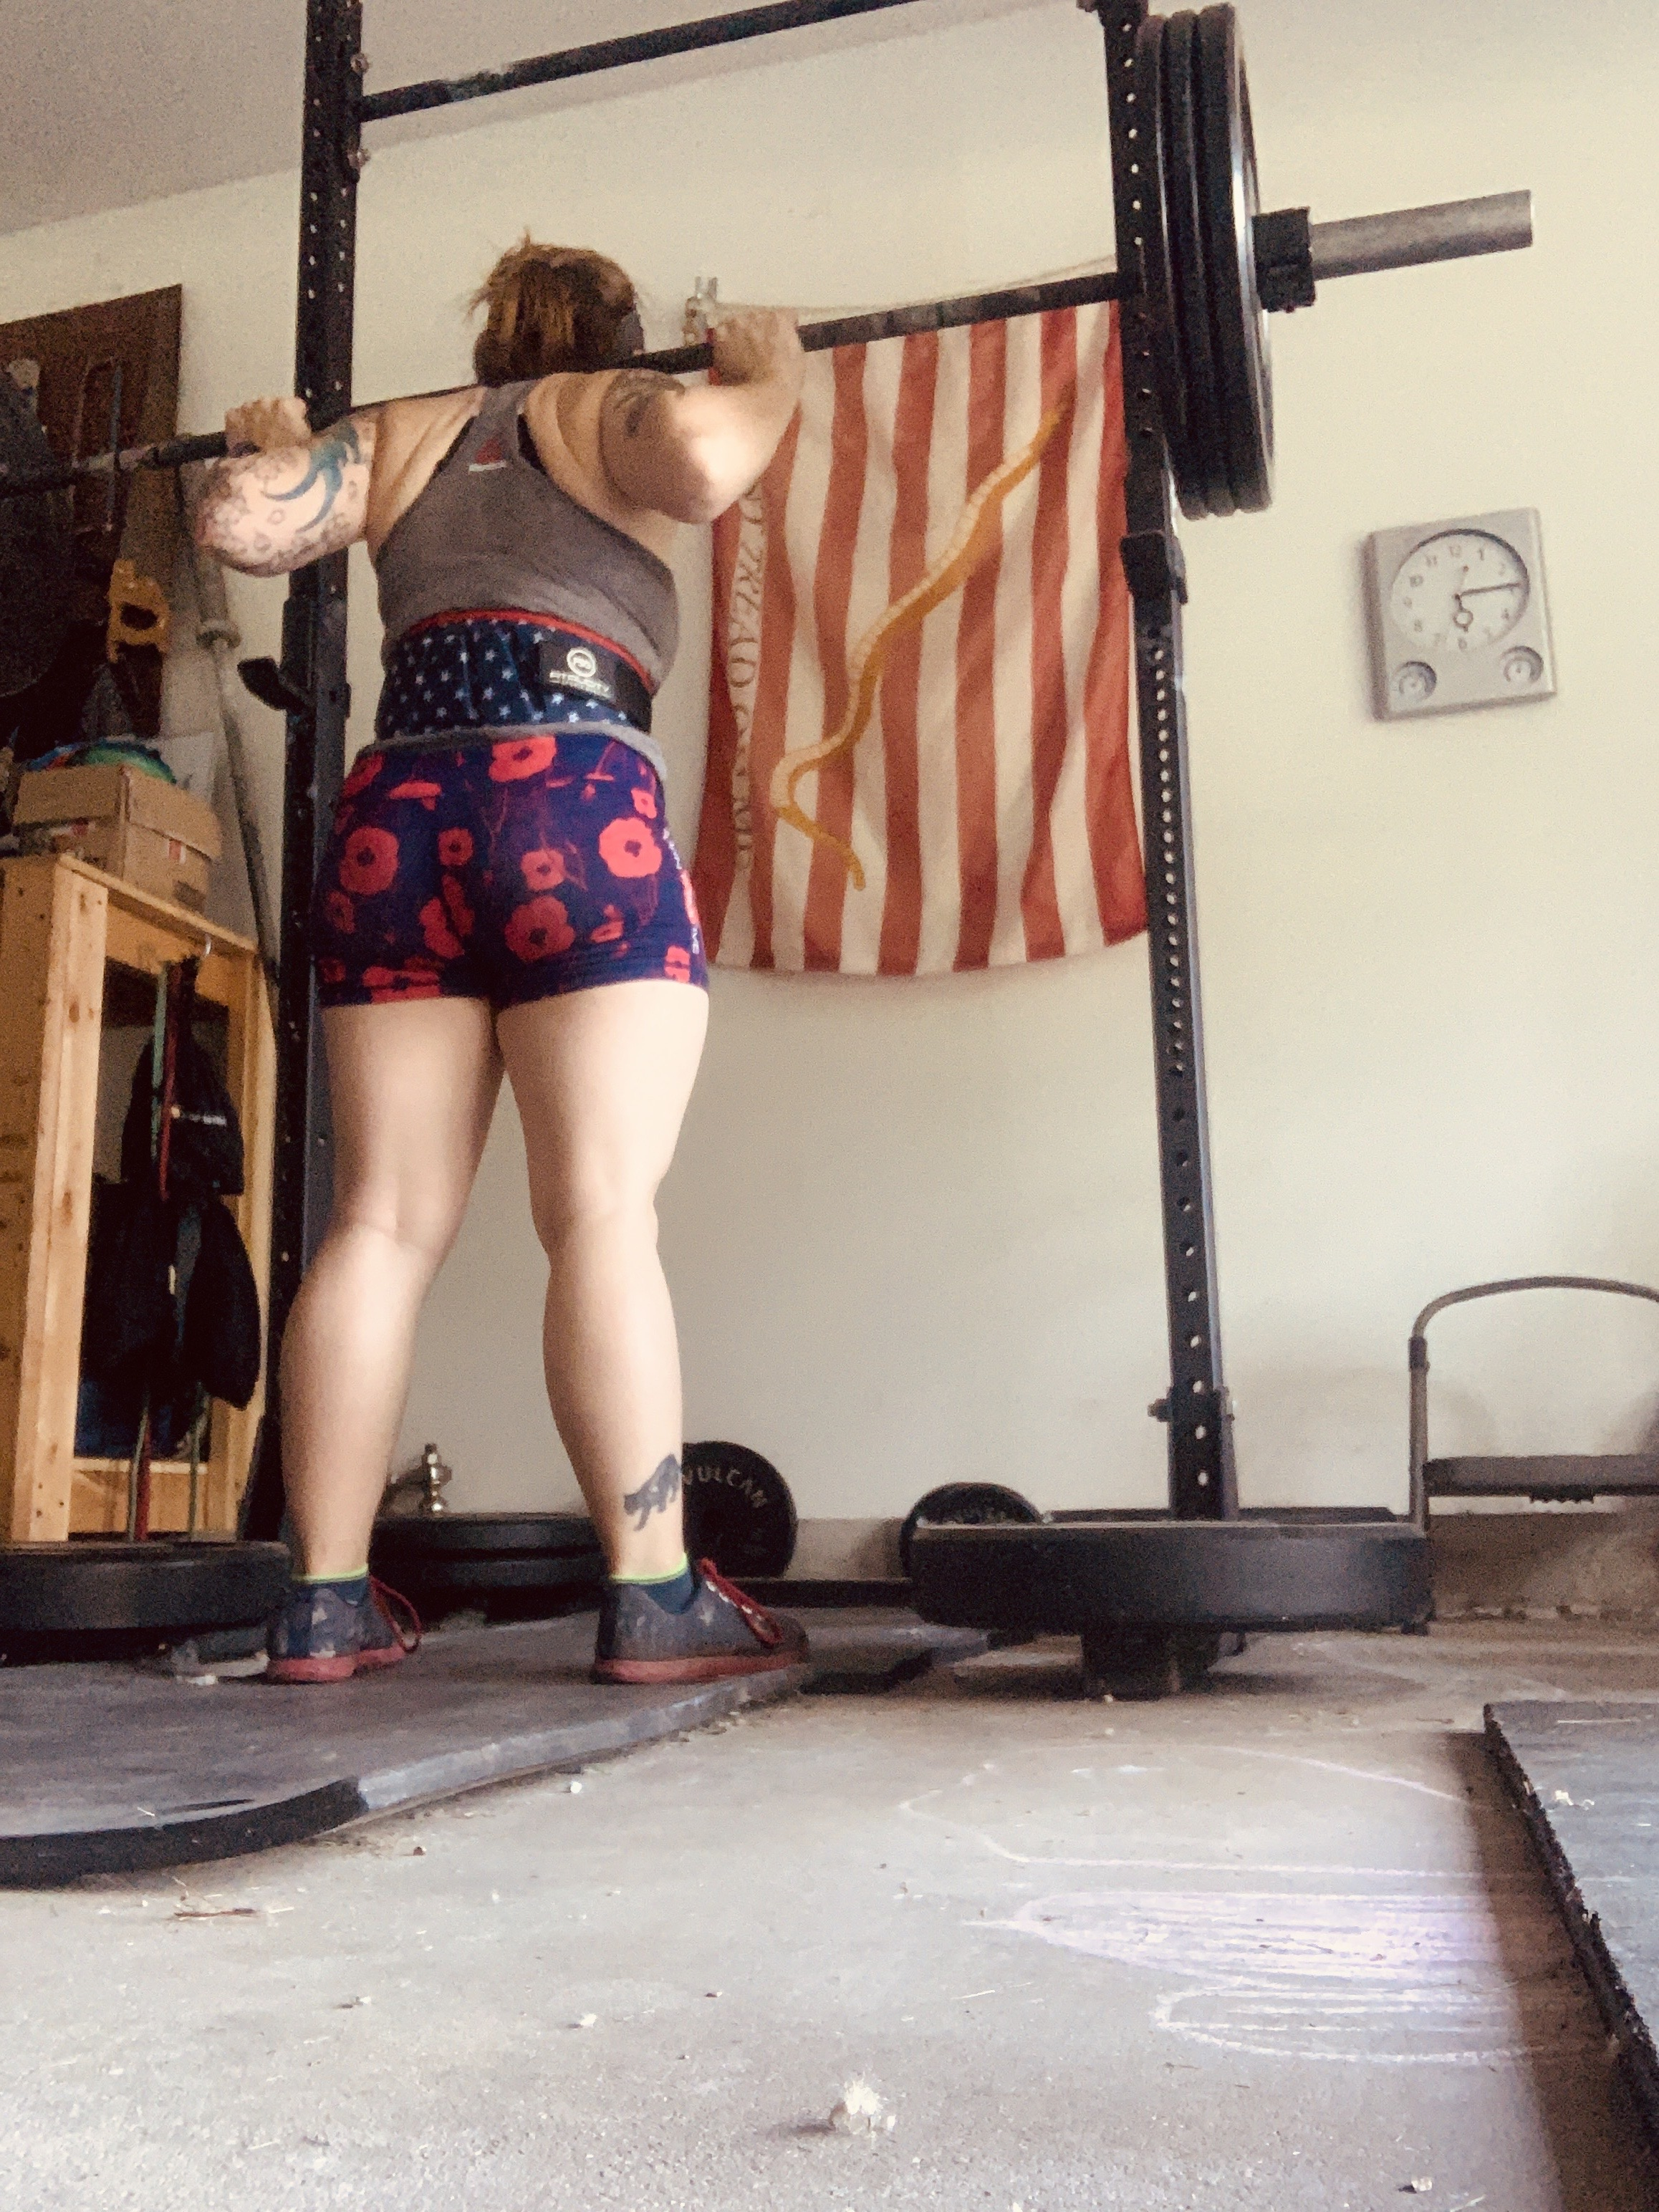 Big squats